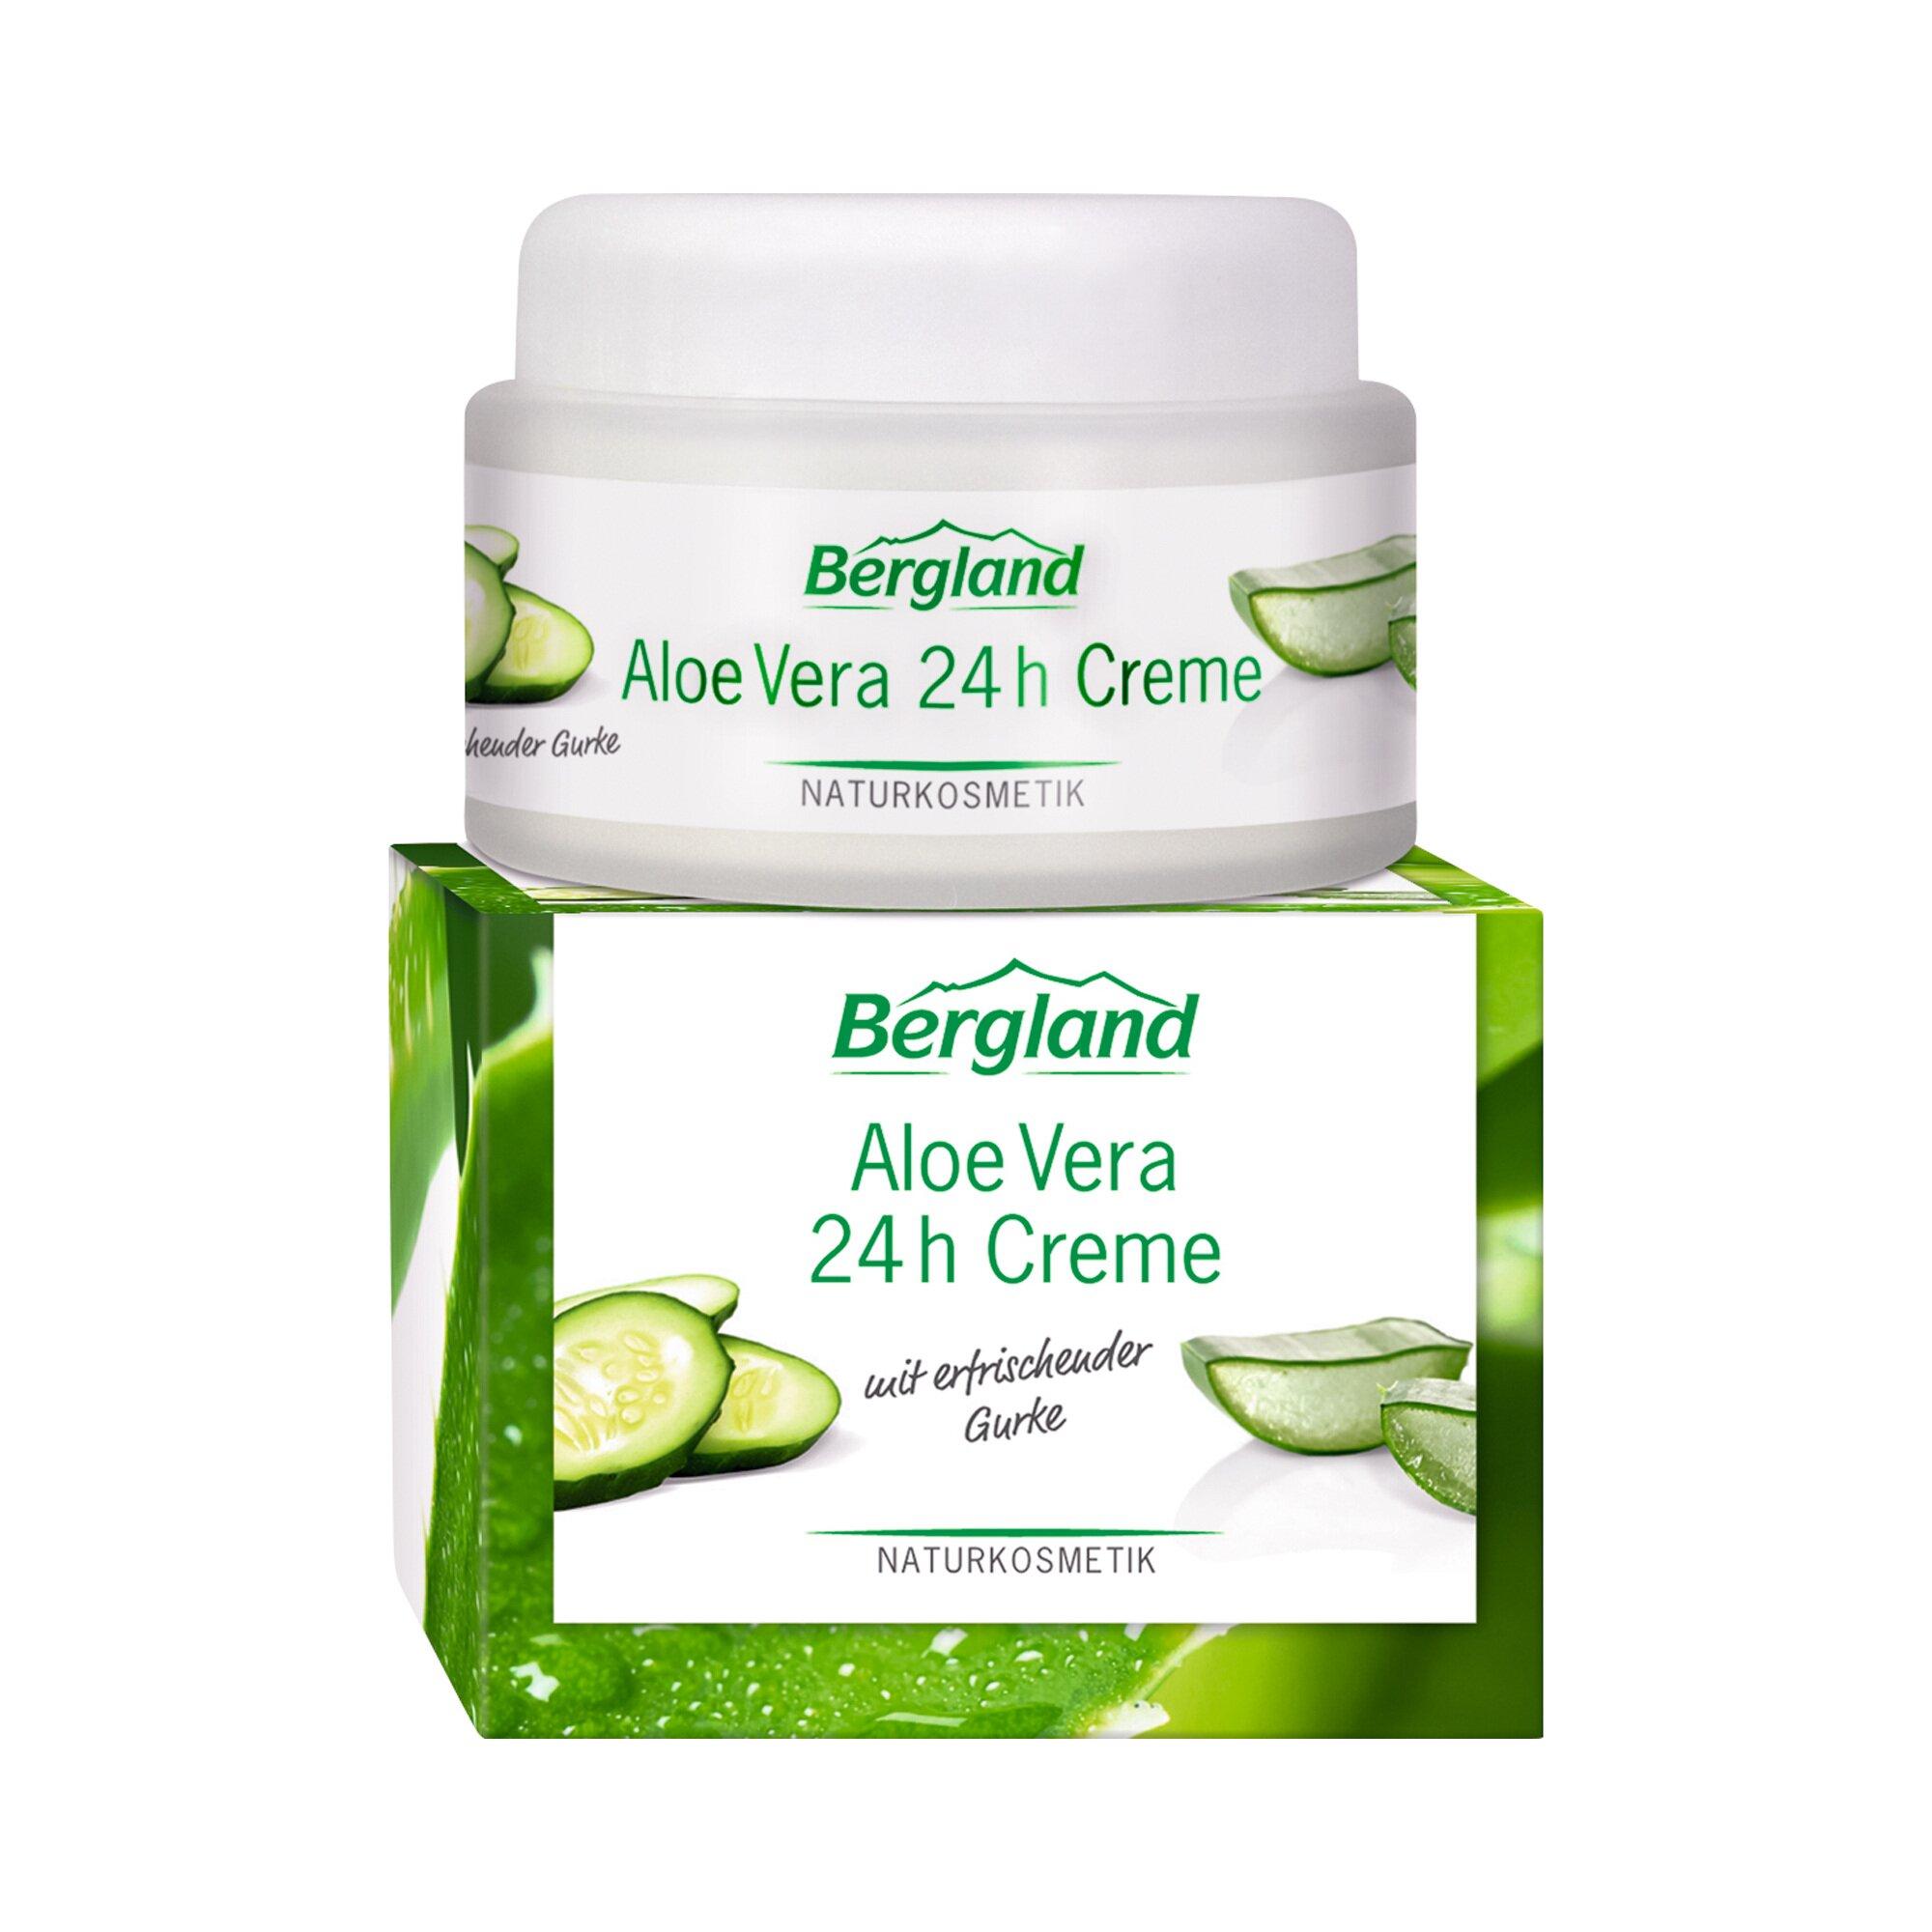 Image of Bergland Aloe Vera 24h Creme